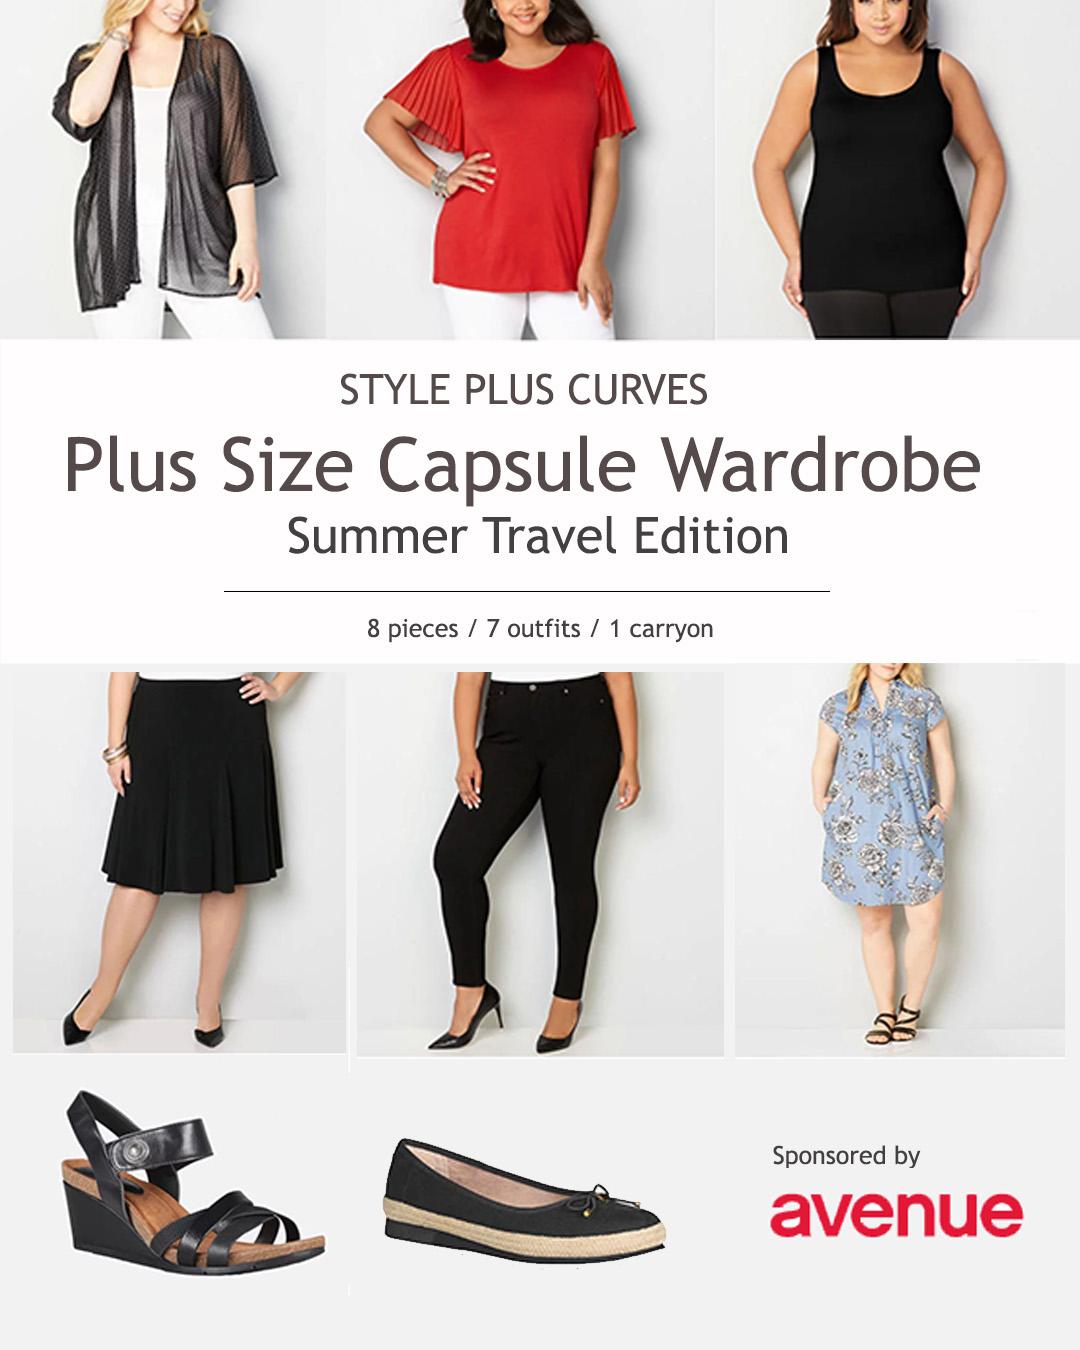 a5b02689d94 Style Plus Curves - A Chicago Plus Size Fashion Blog